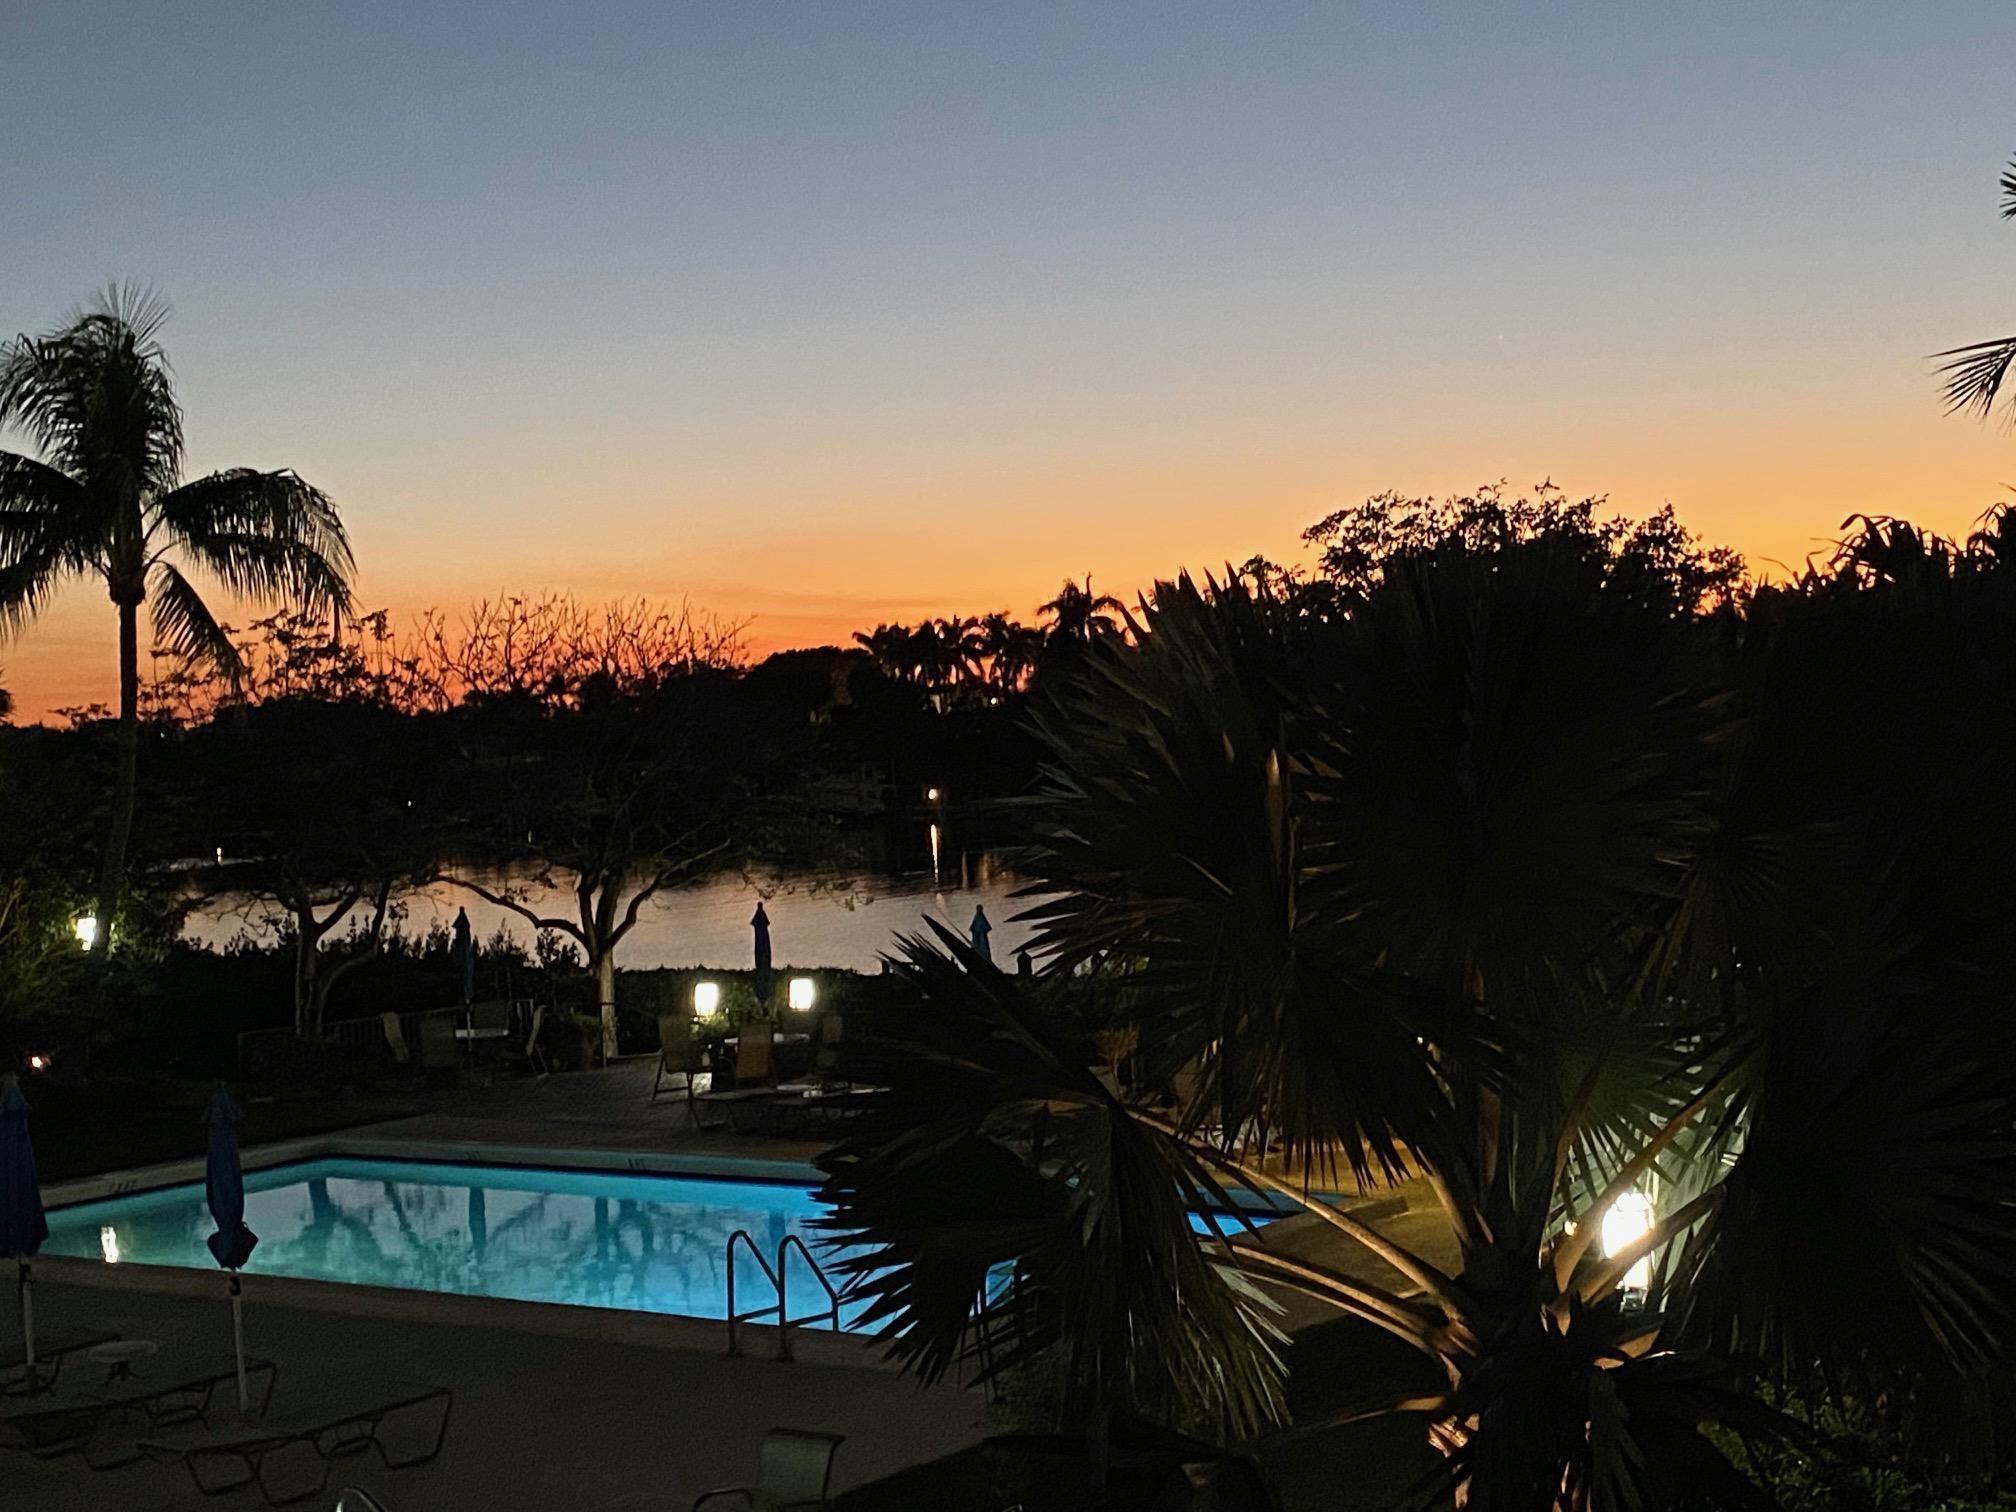 3545 S Ocean Boulevard #203 - 33480 - FL - South Palm Beach